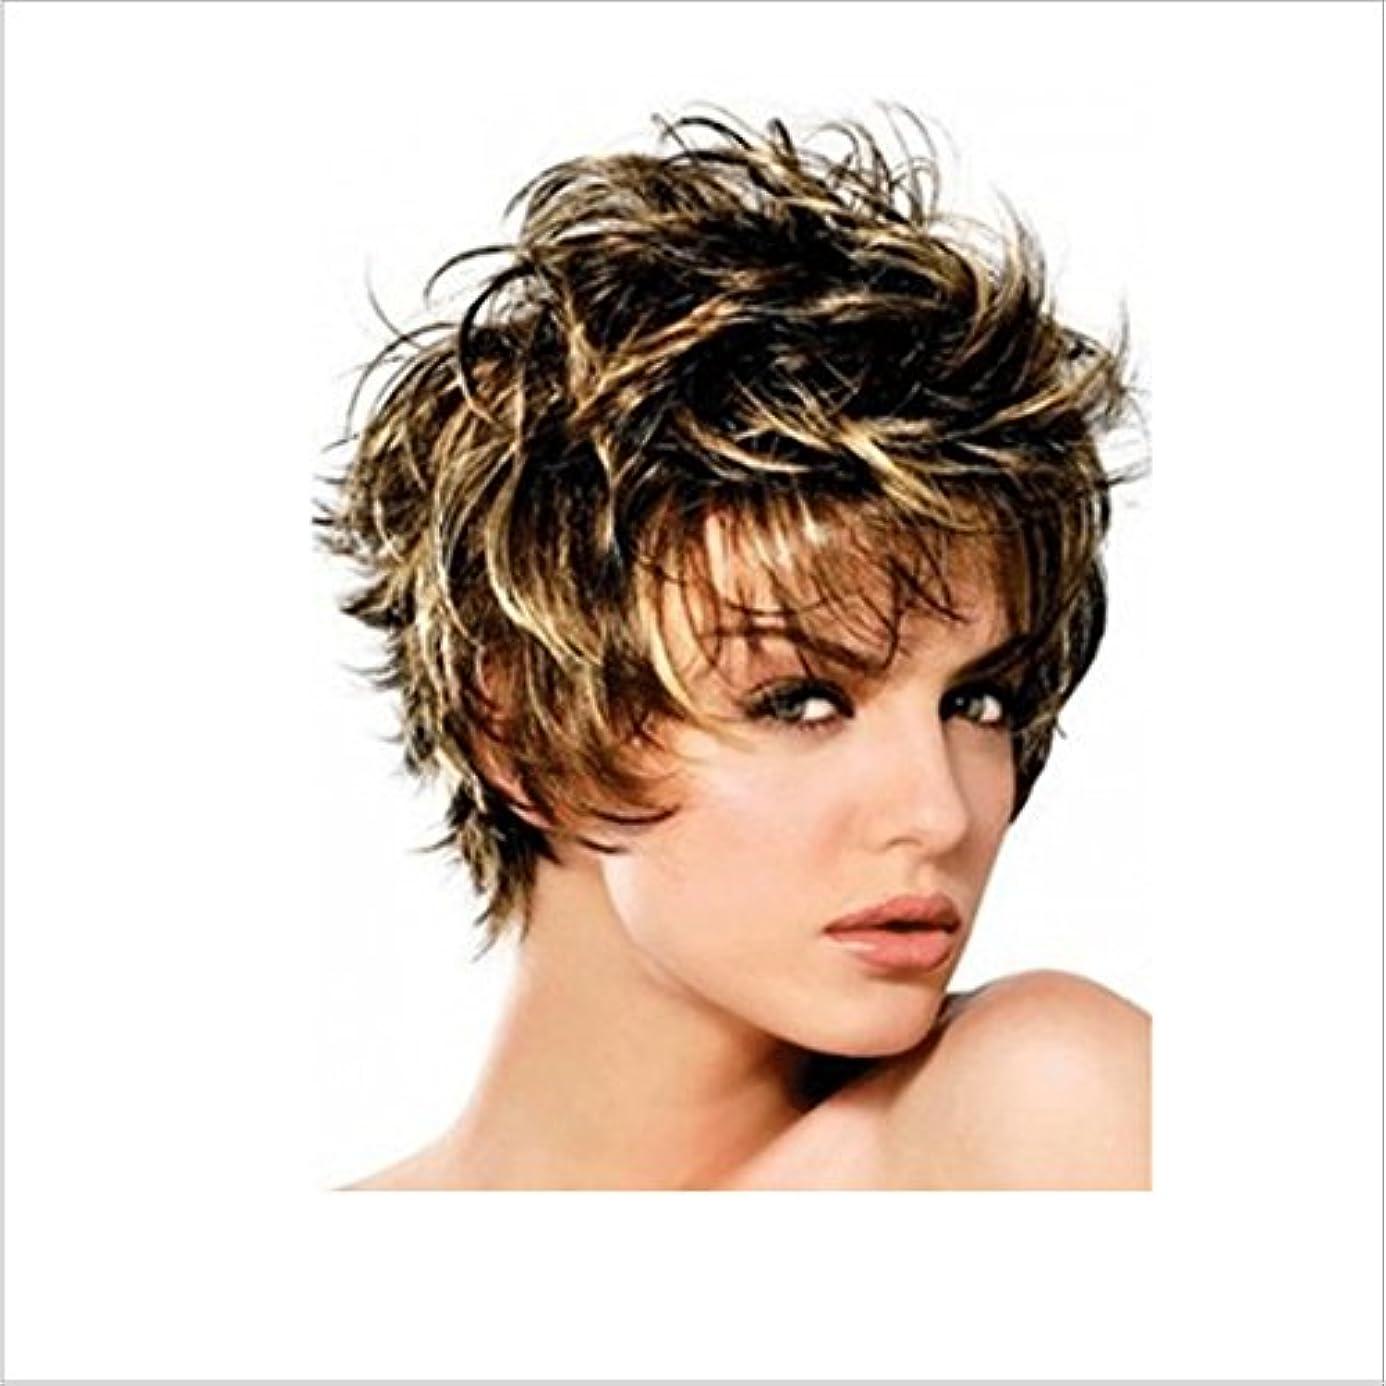 ゆるい買い物に行くオリエントBOBIDYEE ボボかつら女性用耐熱ウィッグ12インチ/ 9インチ短いテクスチャ部分的なかつら部分的なかつら前髪かつらファッションかつら (色 : Inter-color gold brown silver)